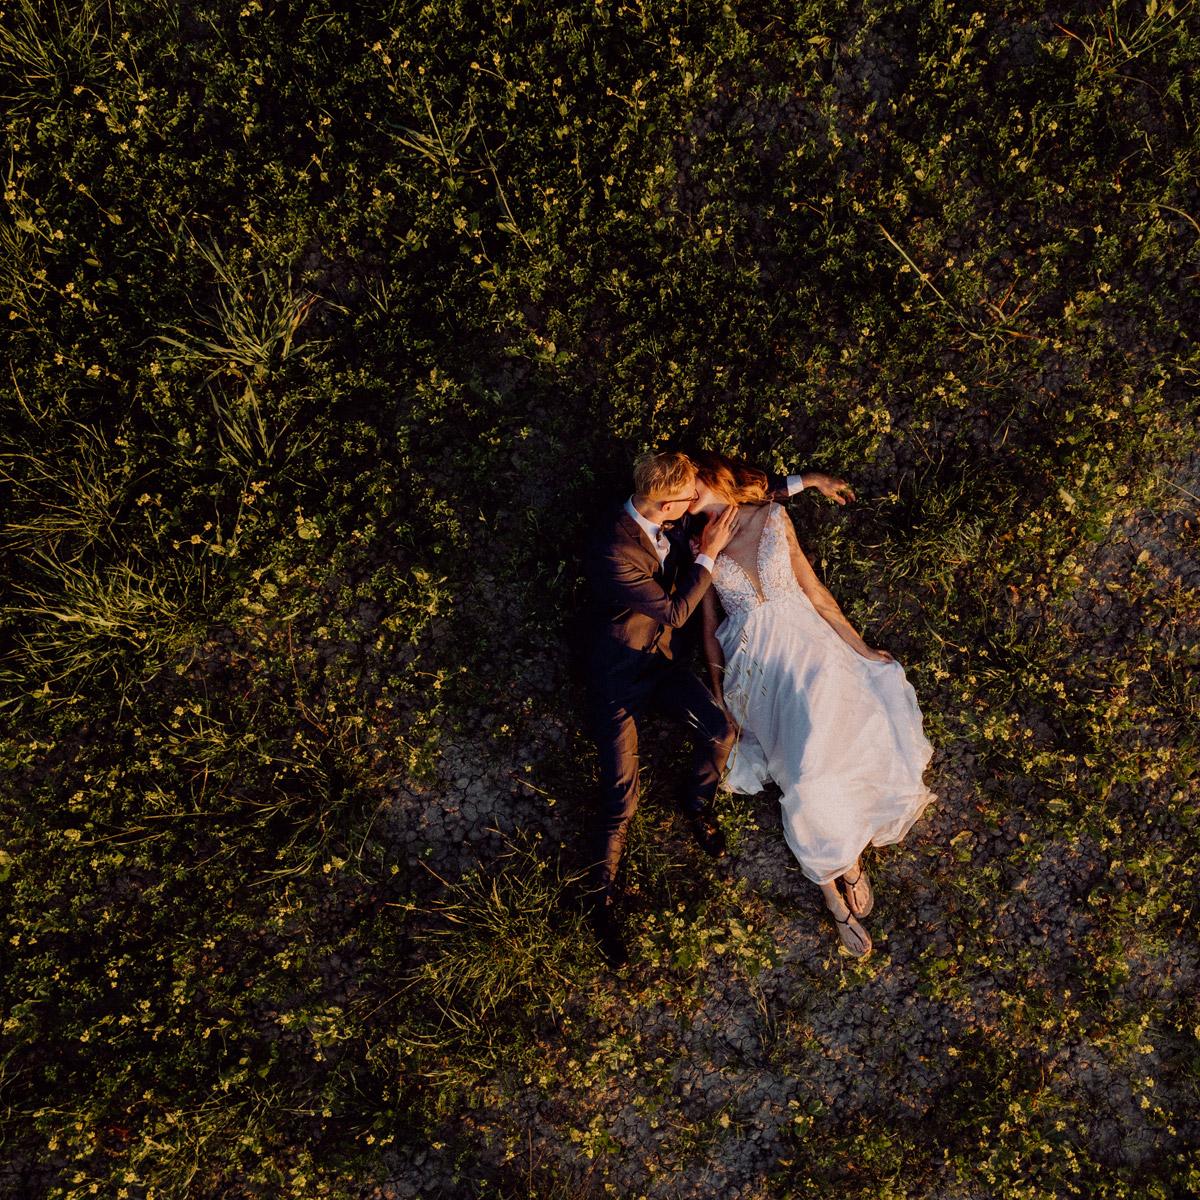 Brautpaar Fotos Natur, Drohne Hochzeitsfoto Idee, Hochzeitspaar von oben liegend, mediterran heiraten, Hochzeit mit Hochzeitplanerin aus Berlin, Toskana Hochzeitsfotos und Hochzeitsfilm #hochzeitslicht Destination-Hochzeitsfotograf © www.hochzeitslicht.de #brautpaar #hochzeitsfotos #drohne